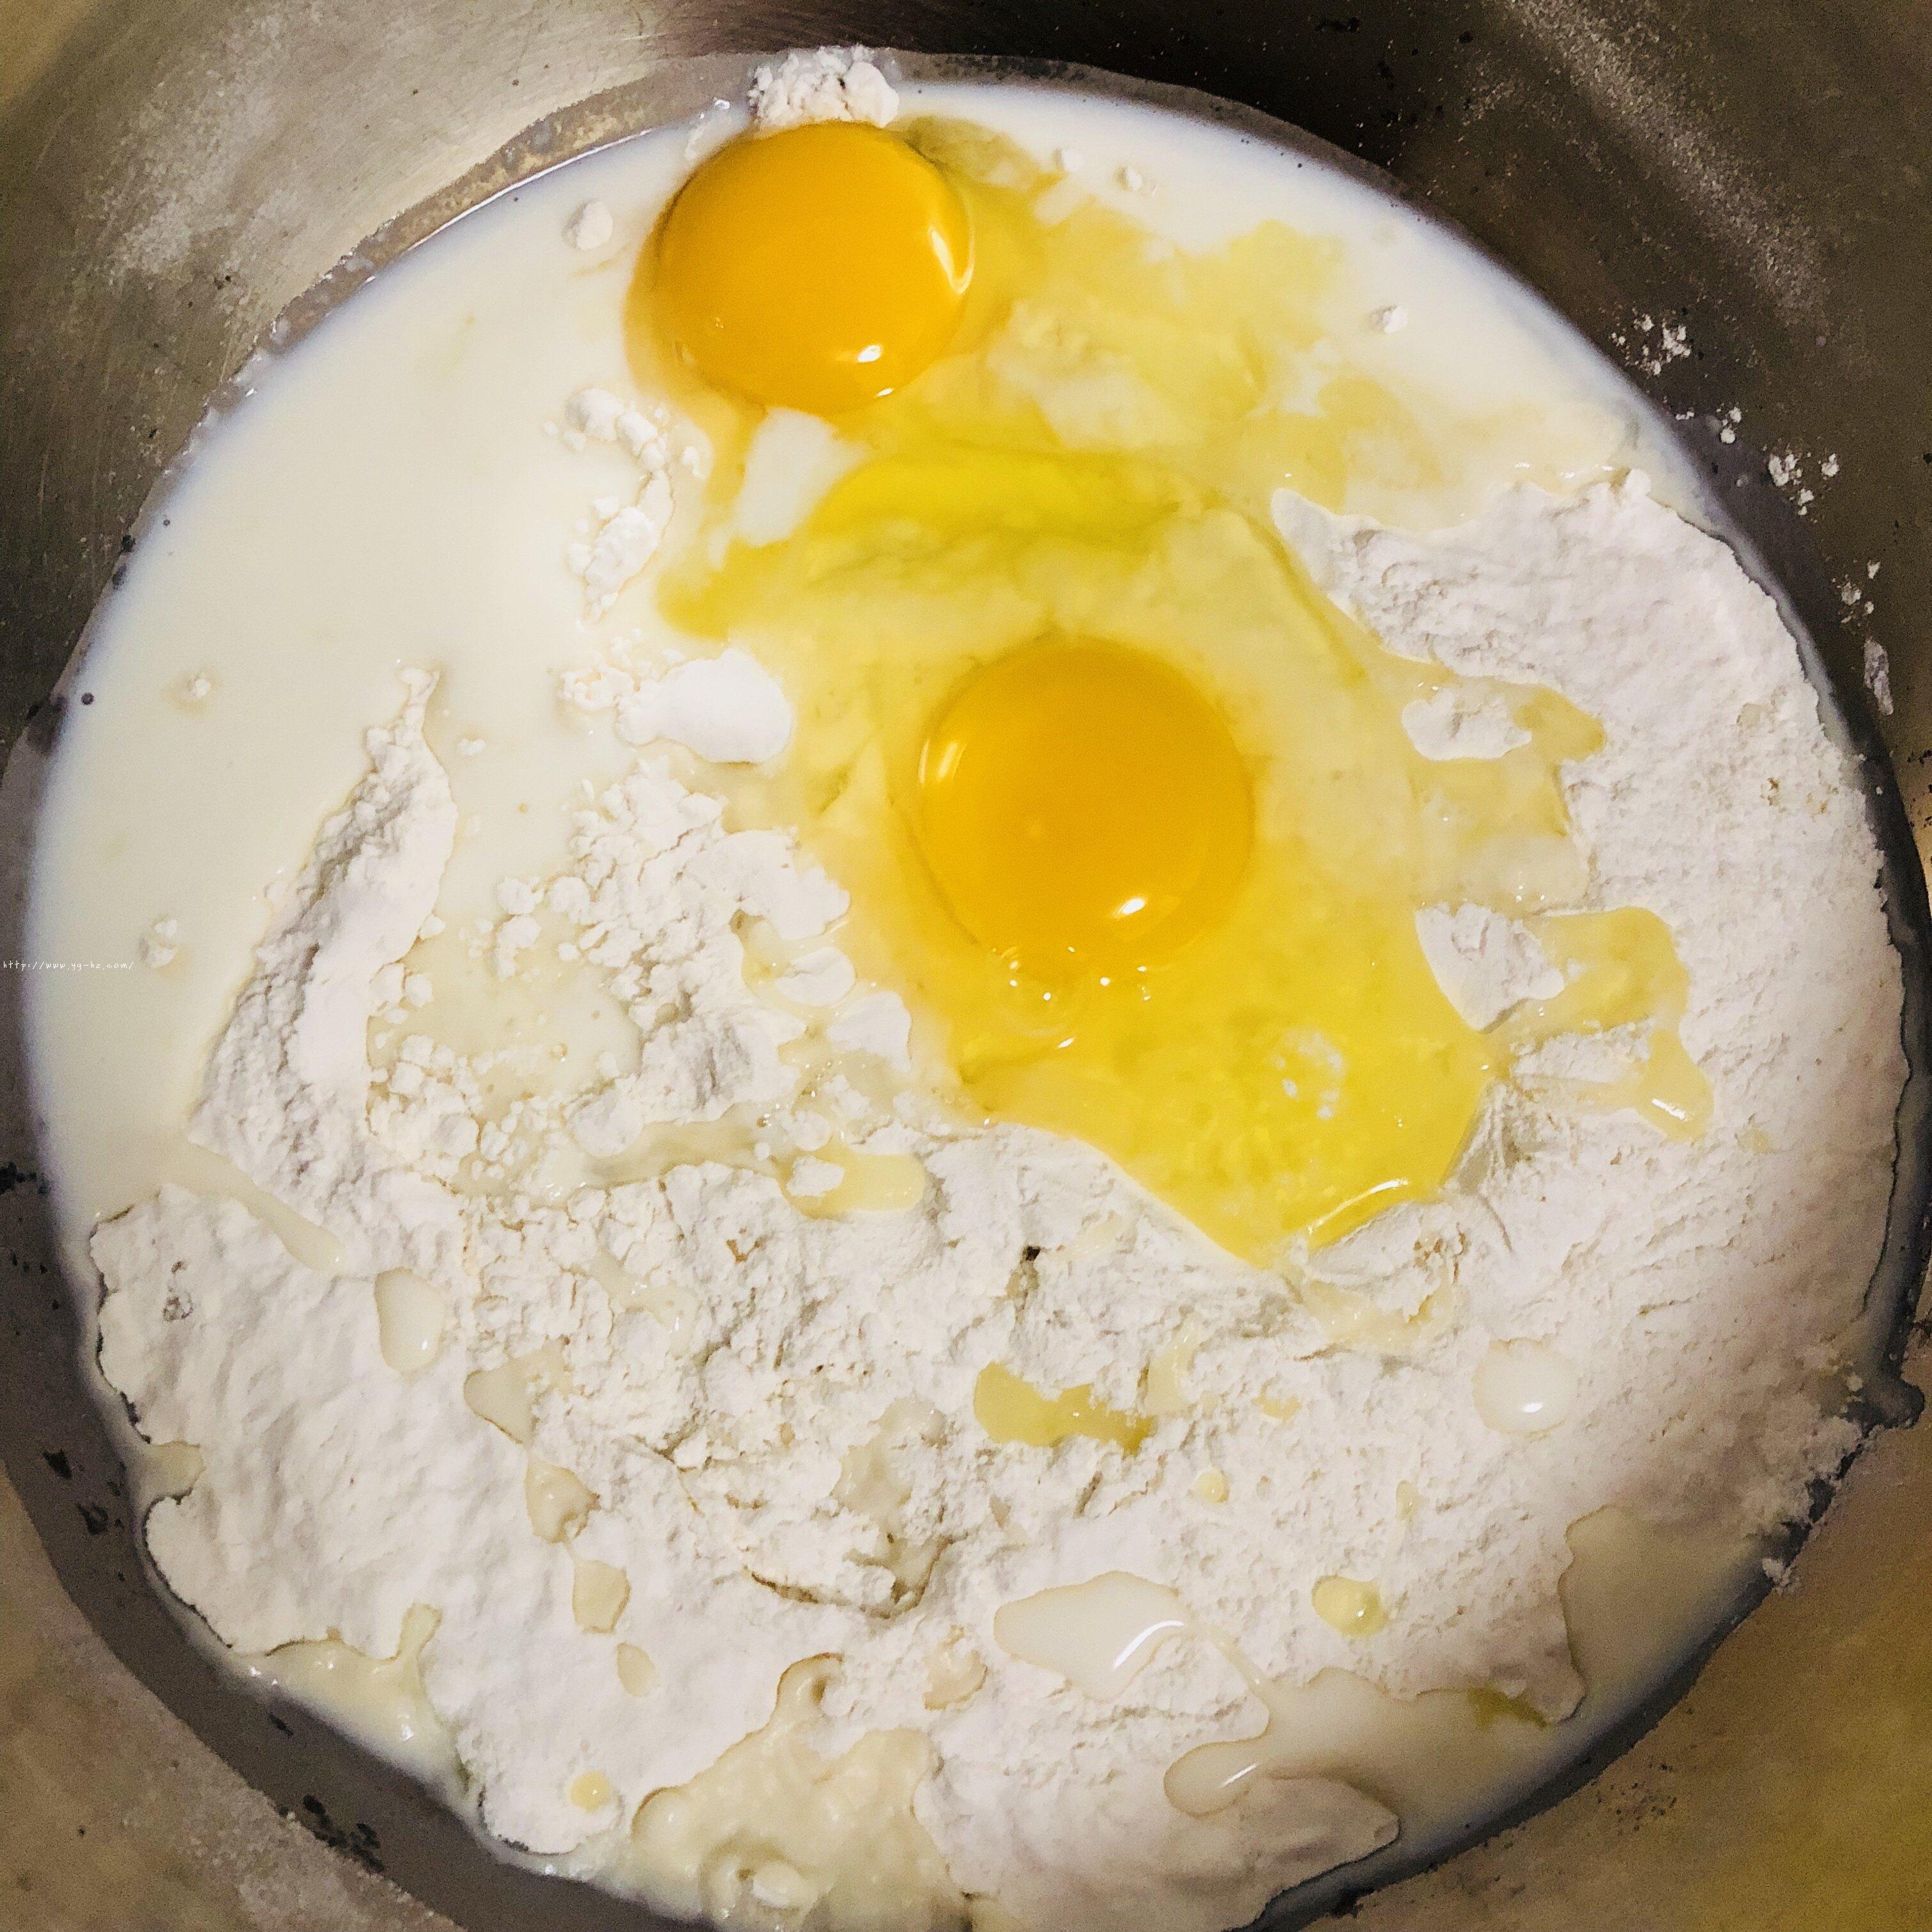 香甜软绵的卡士达夹心面包(后酵母法)的做法 步骤1